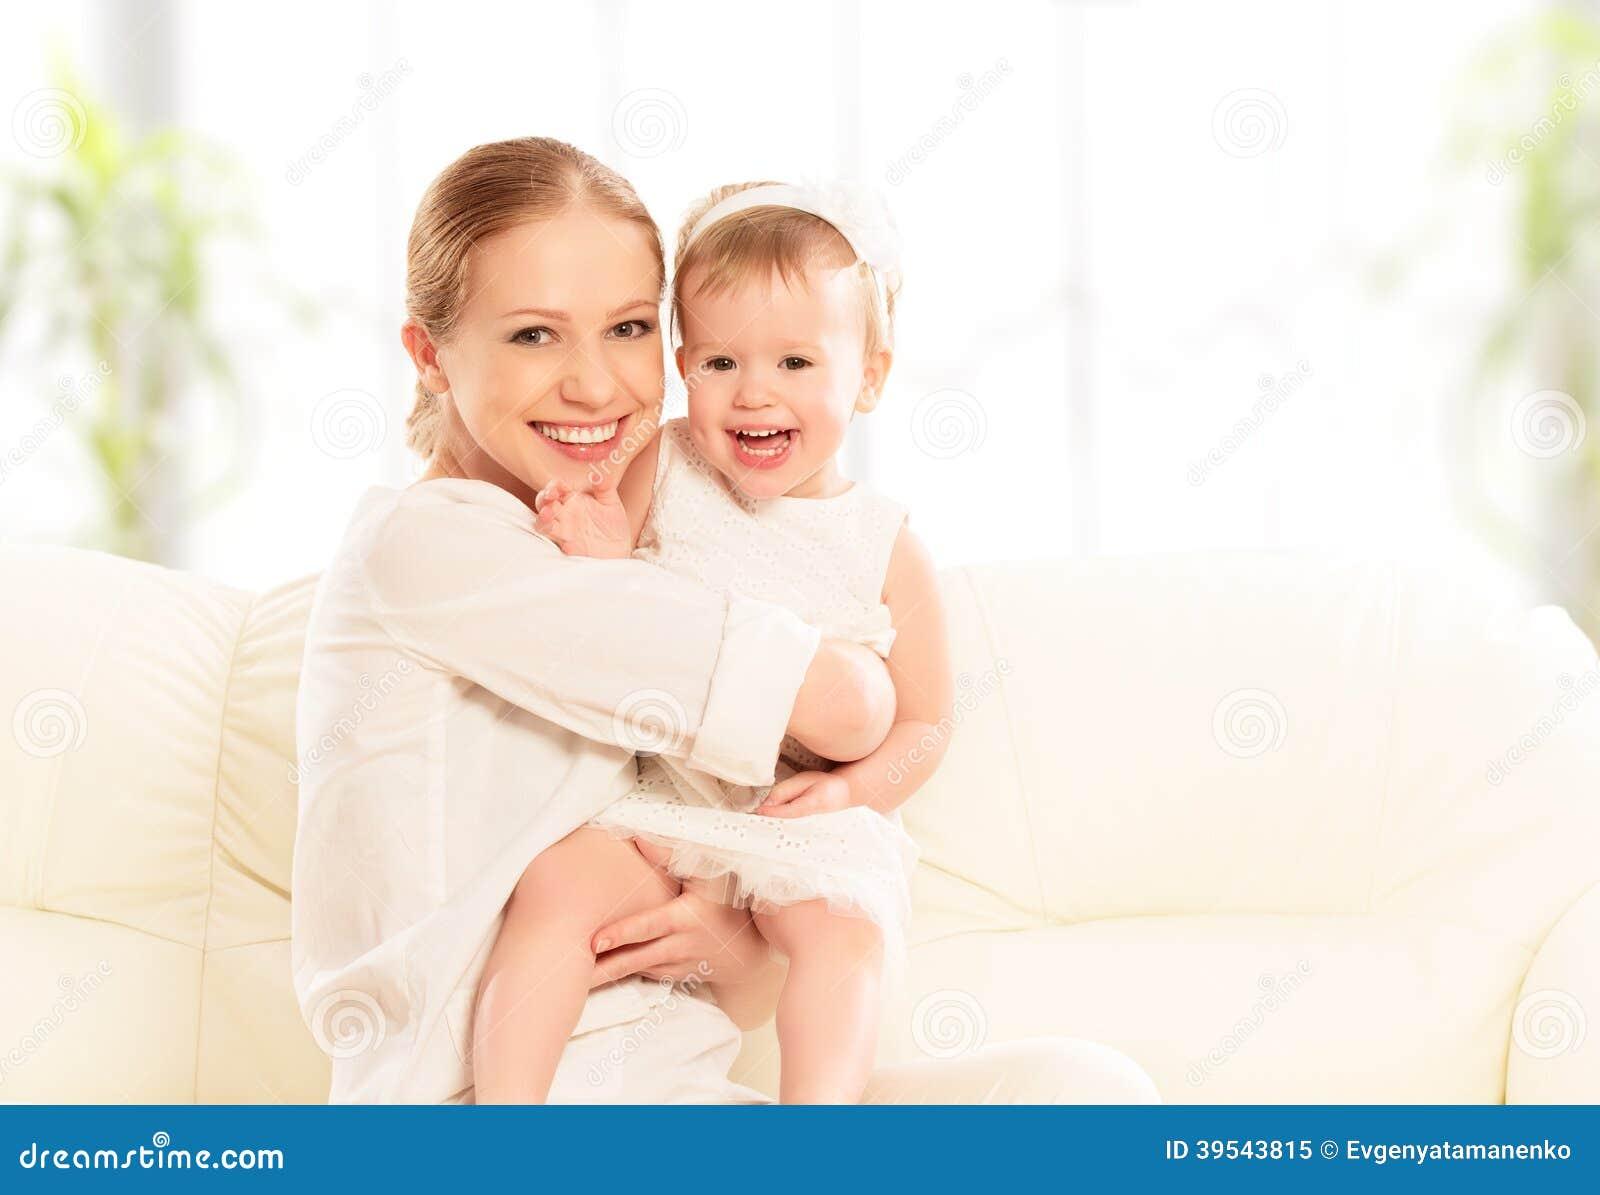 Glückliche Familie. Mutter- und Babytochterspiele, Umarmen, küssend